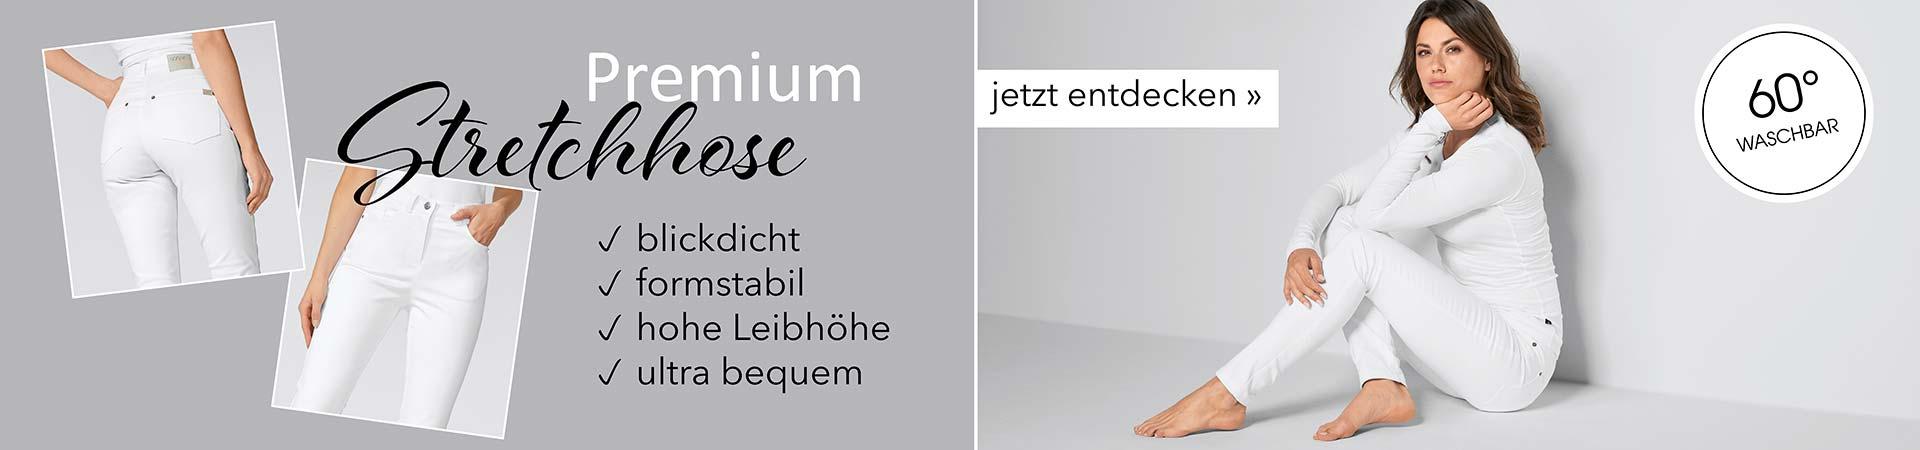 Premium Stretchhose für Damen bei 7days